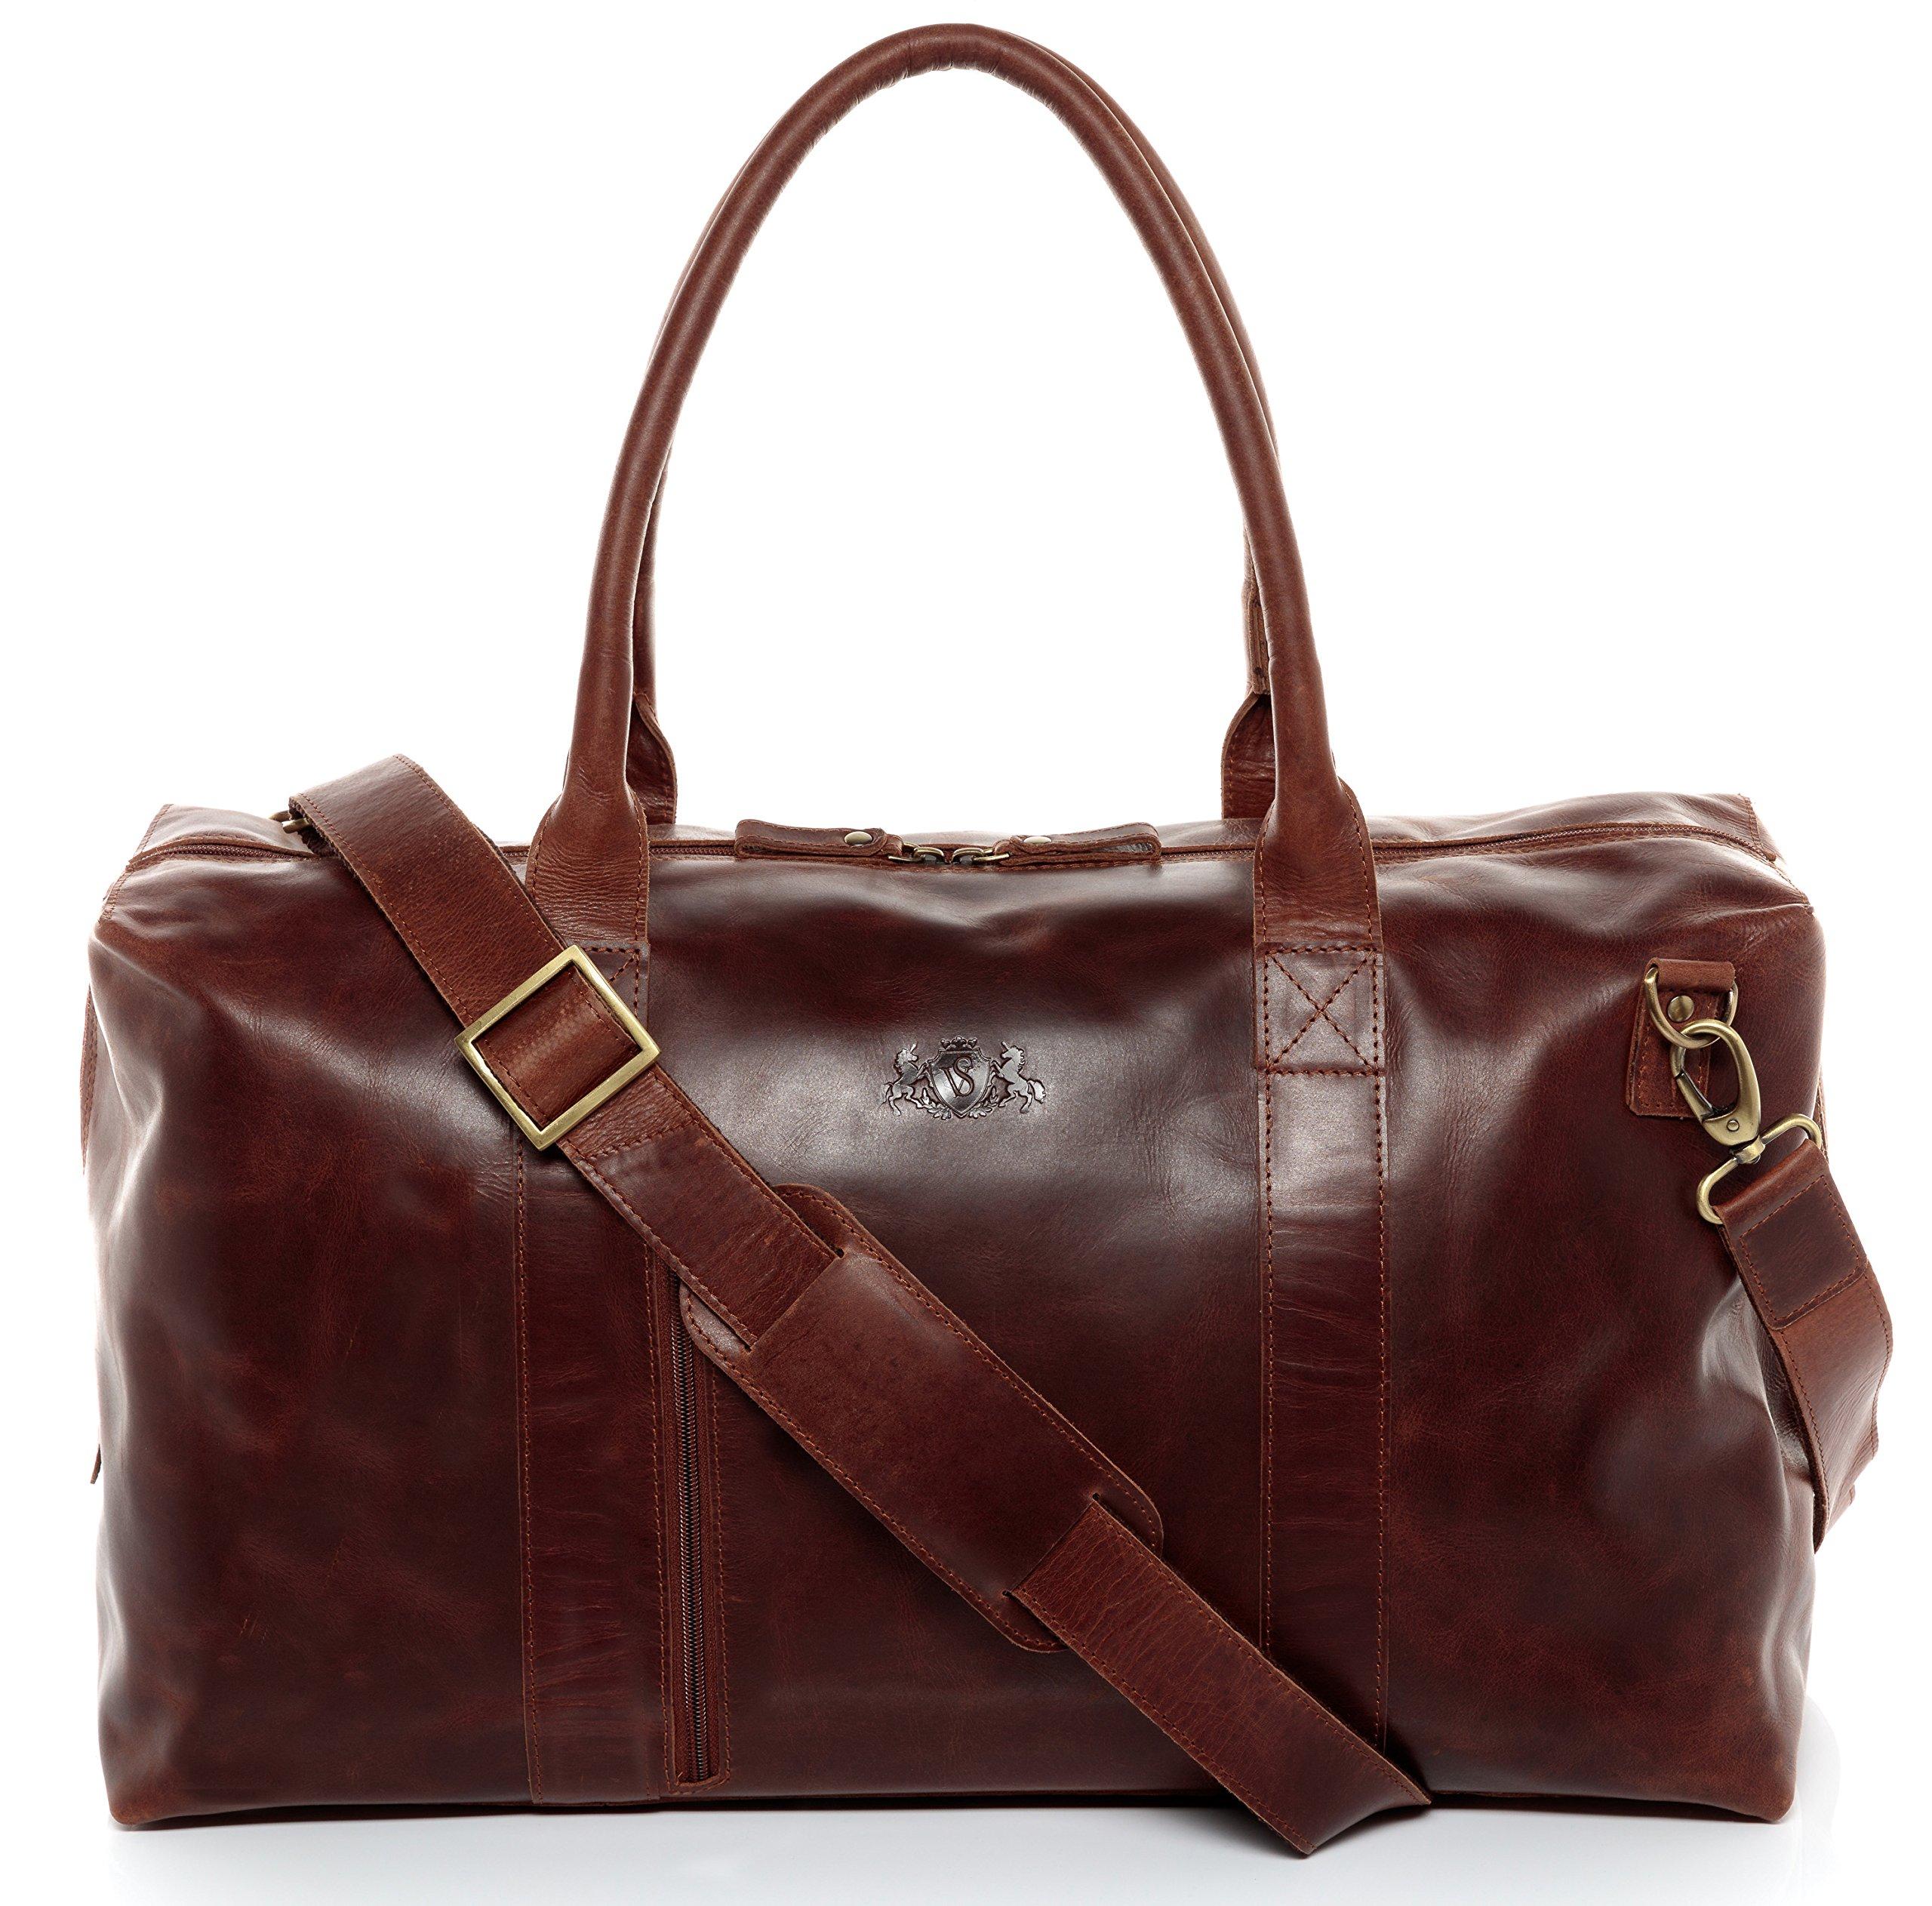 96e2be7aac REYLEO Small Duffle Bags Men Women